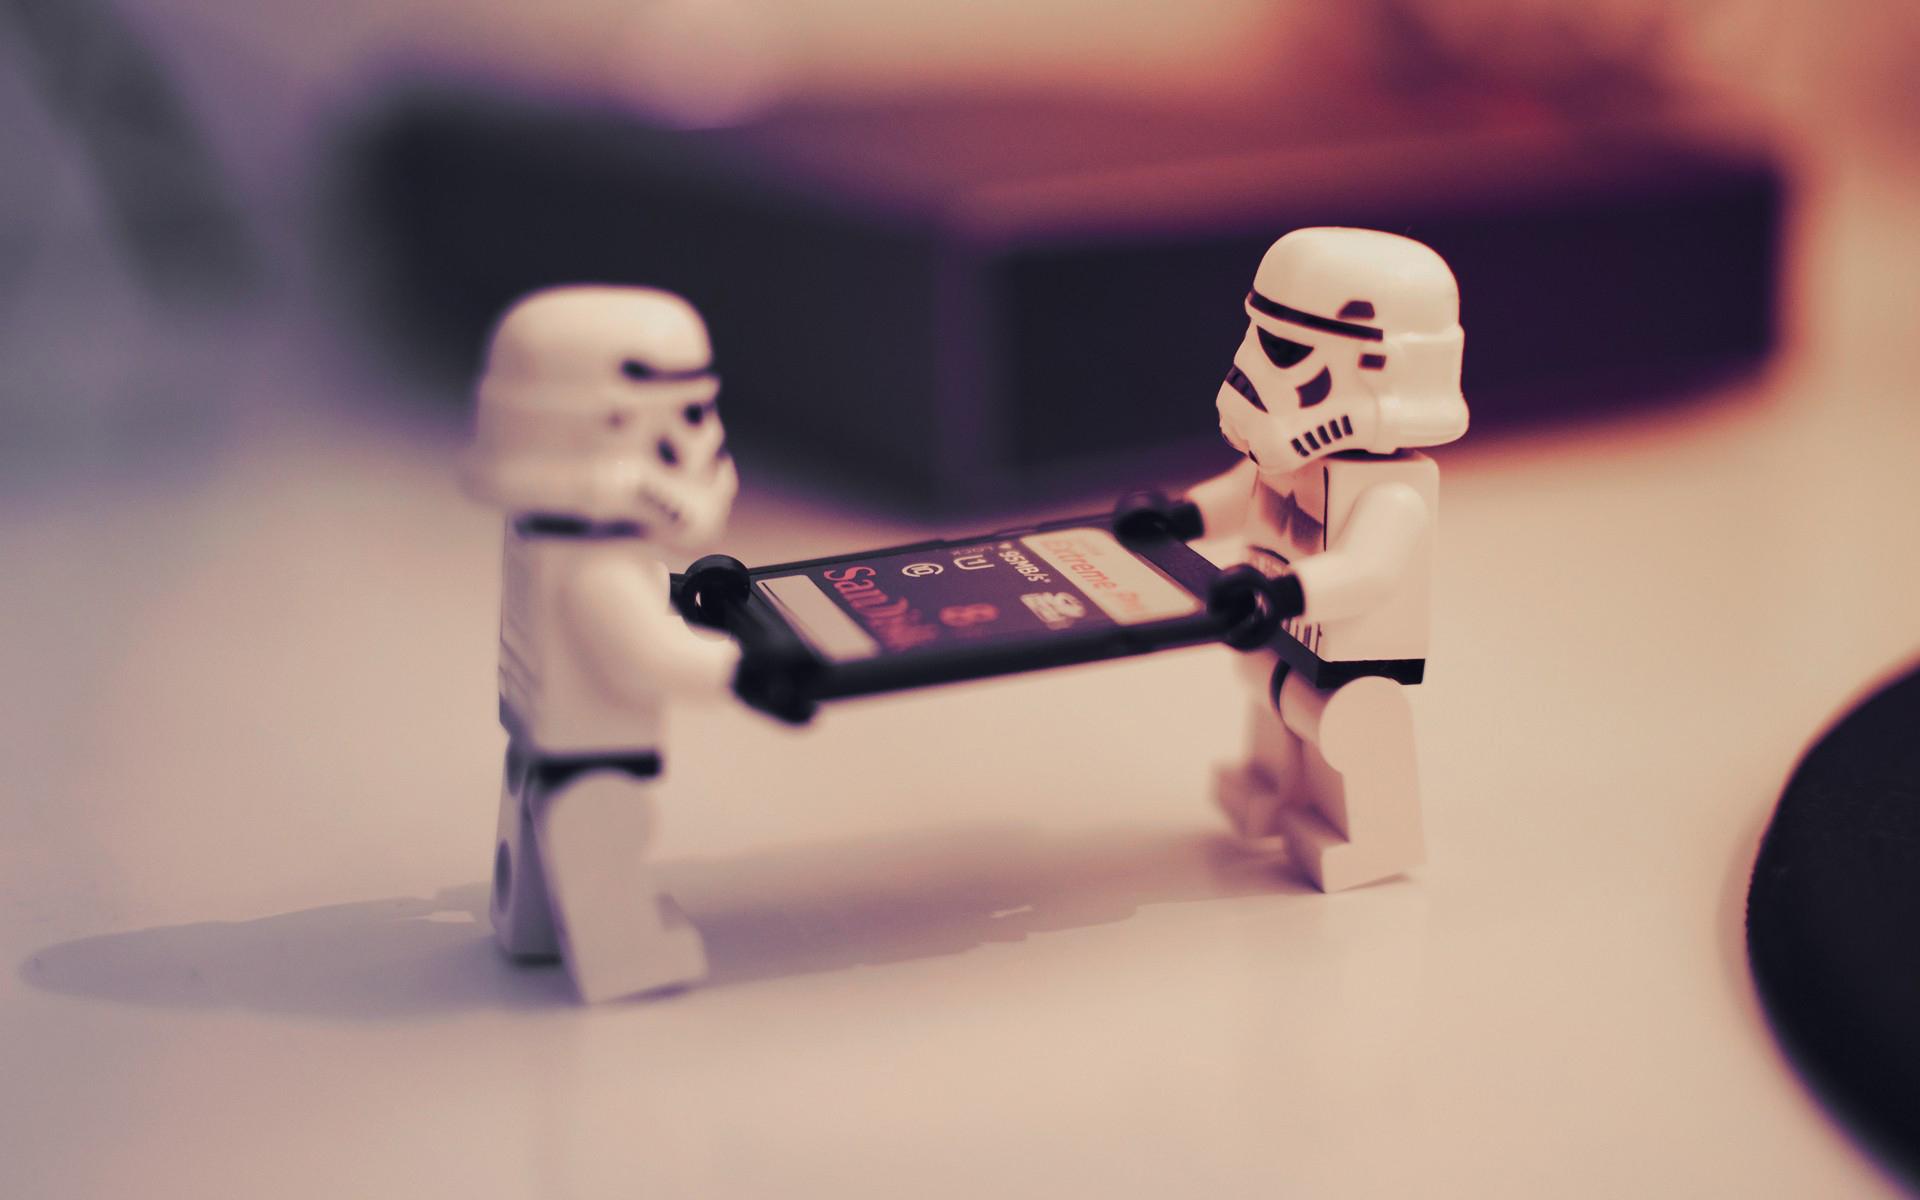 игры игрушка лего звездные войны game toy LEGO star war загрузить